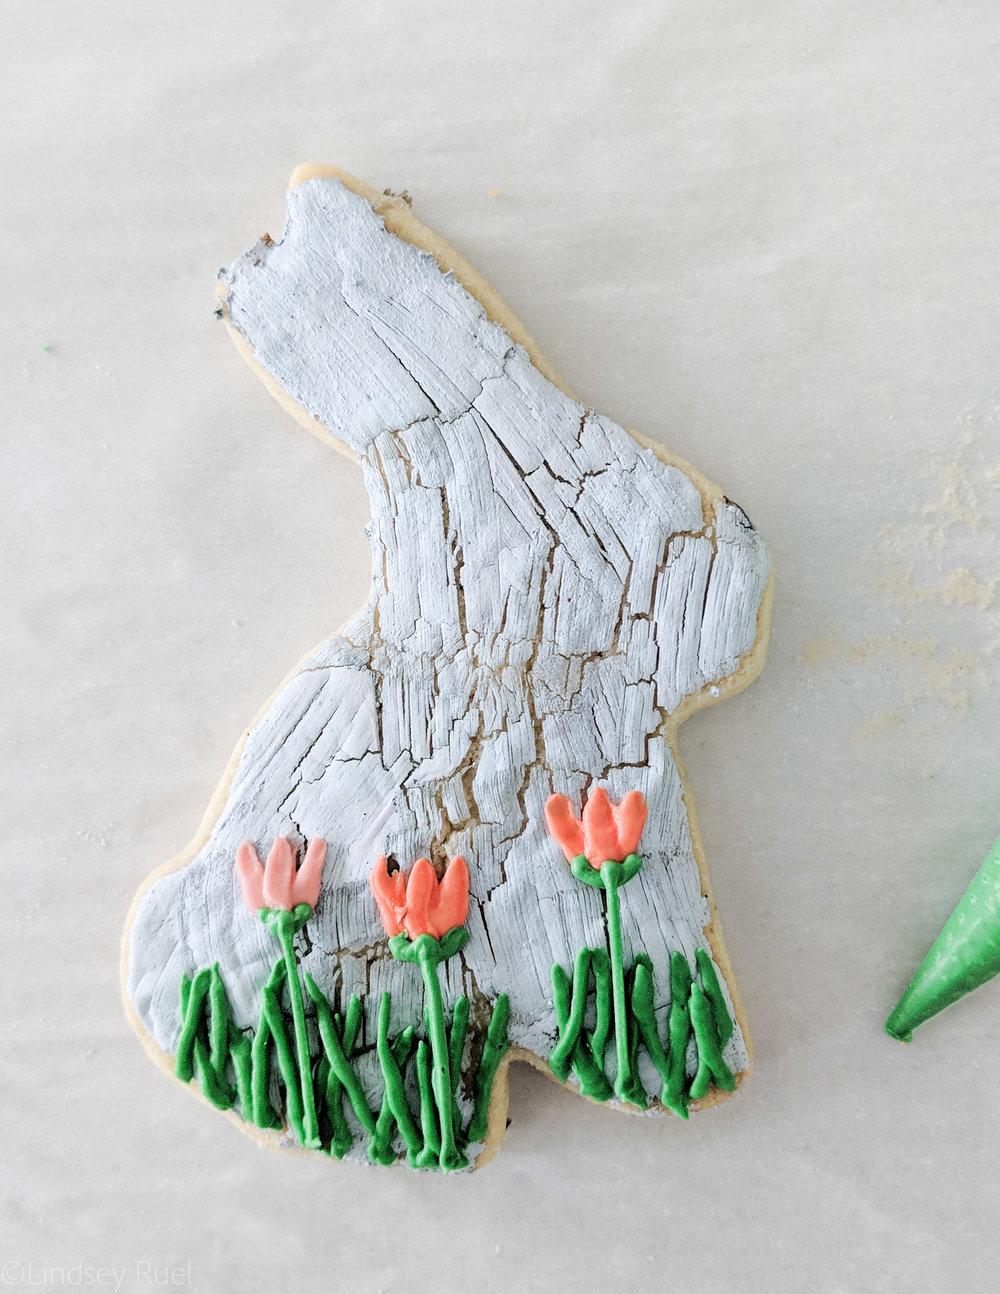 Crackle Effect Cookies-6.jpg